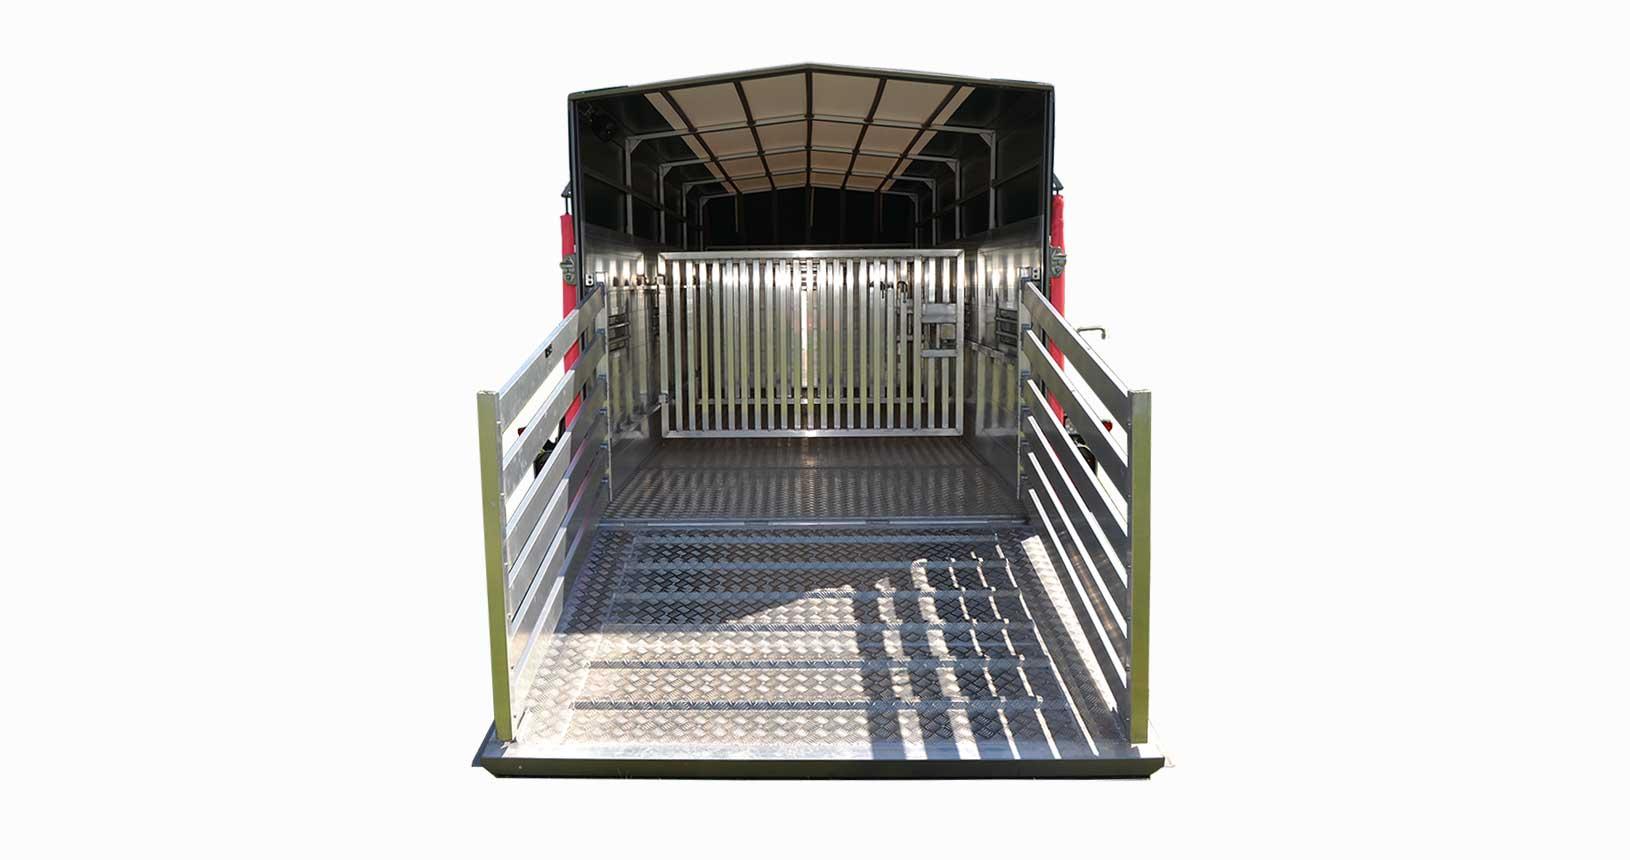 Schweinetransporter Treibeschotten hinten auf der Heckklappe